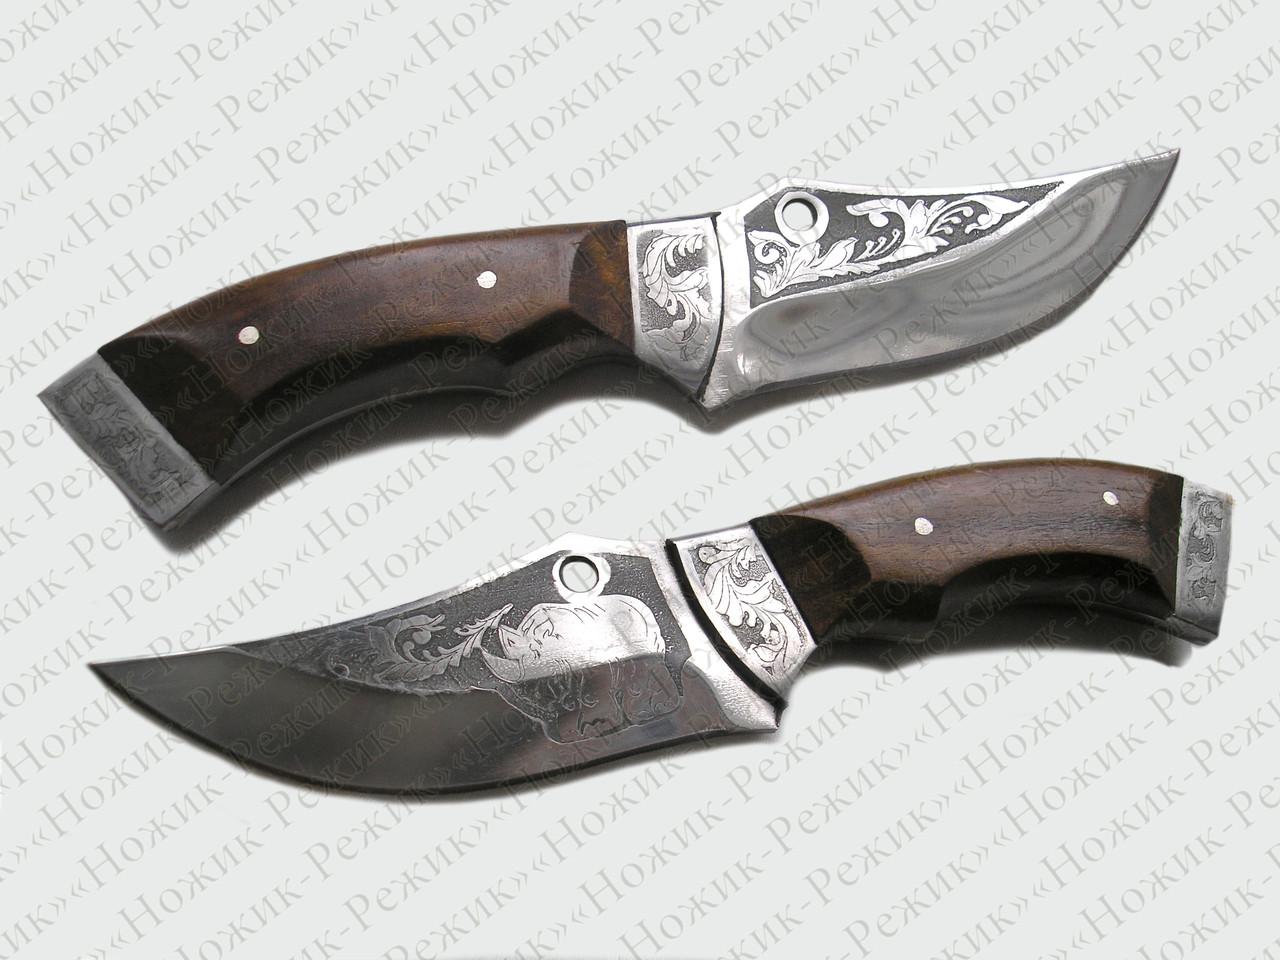 Туристический нож, рыбацкий нож, охотничий нож, нож для снятия шкуры, шкуродёр